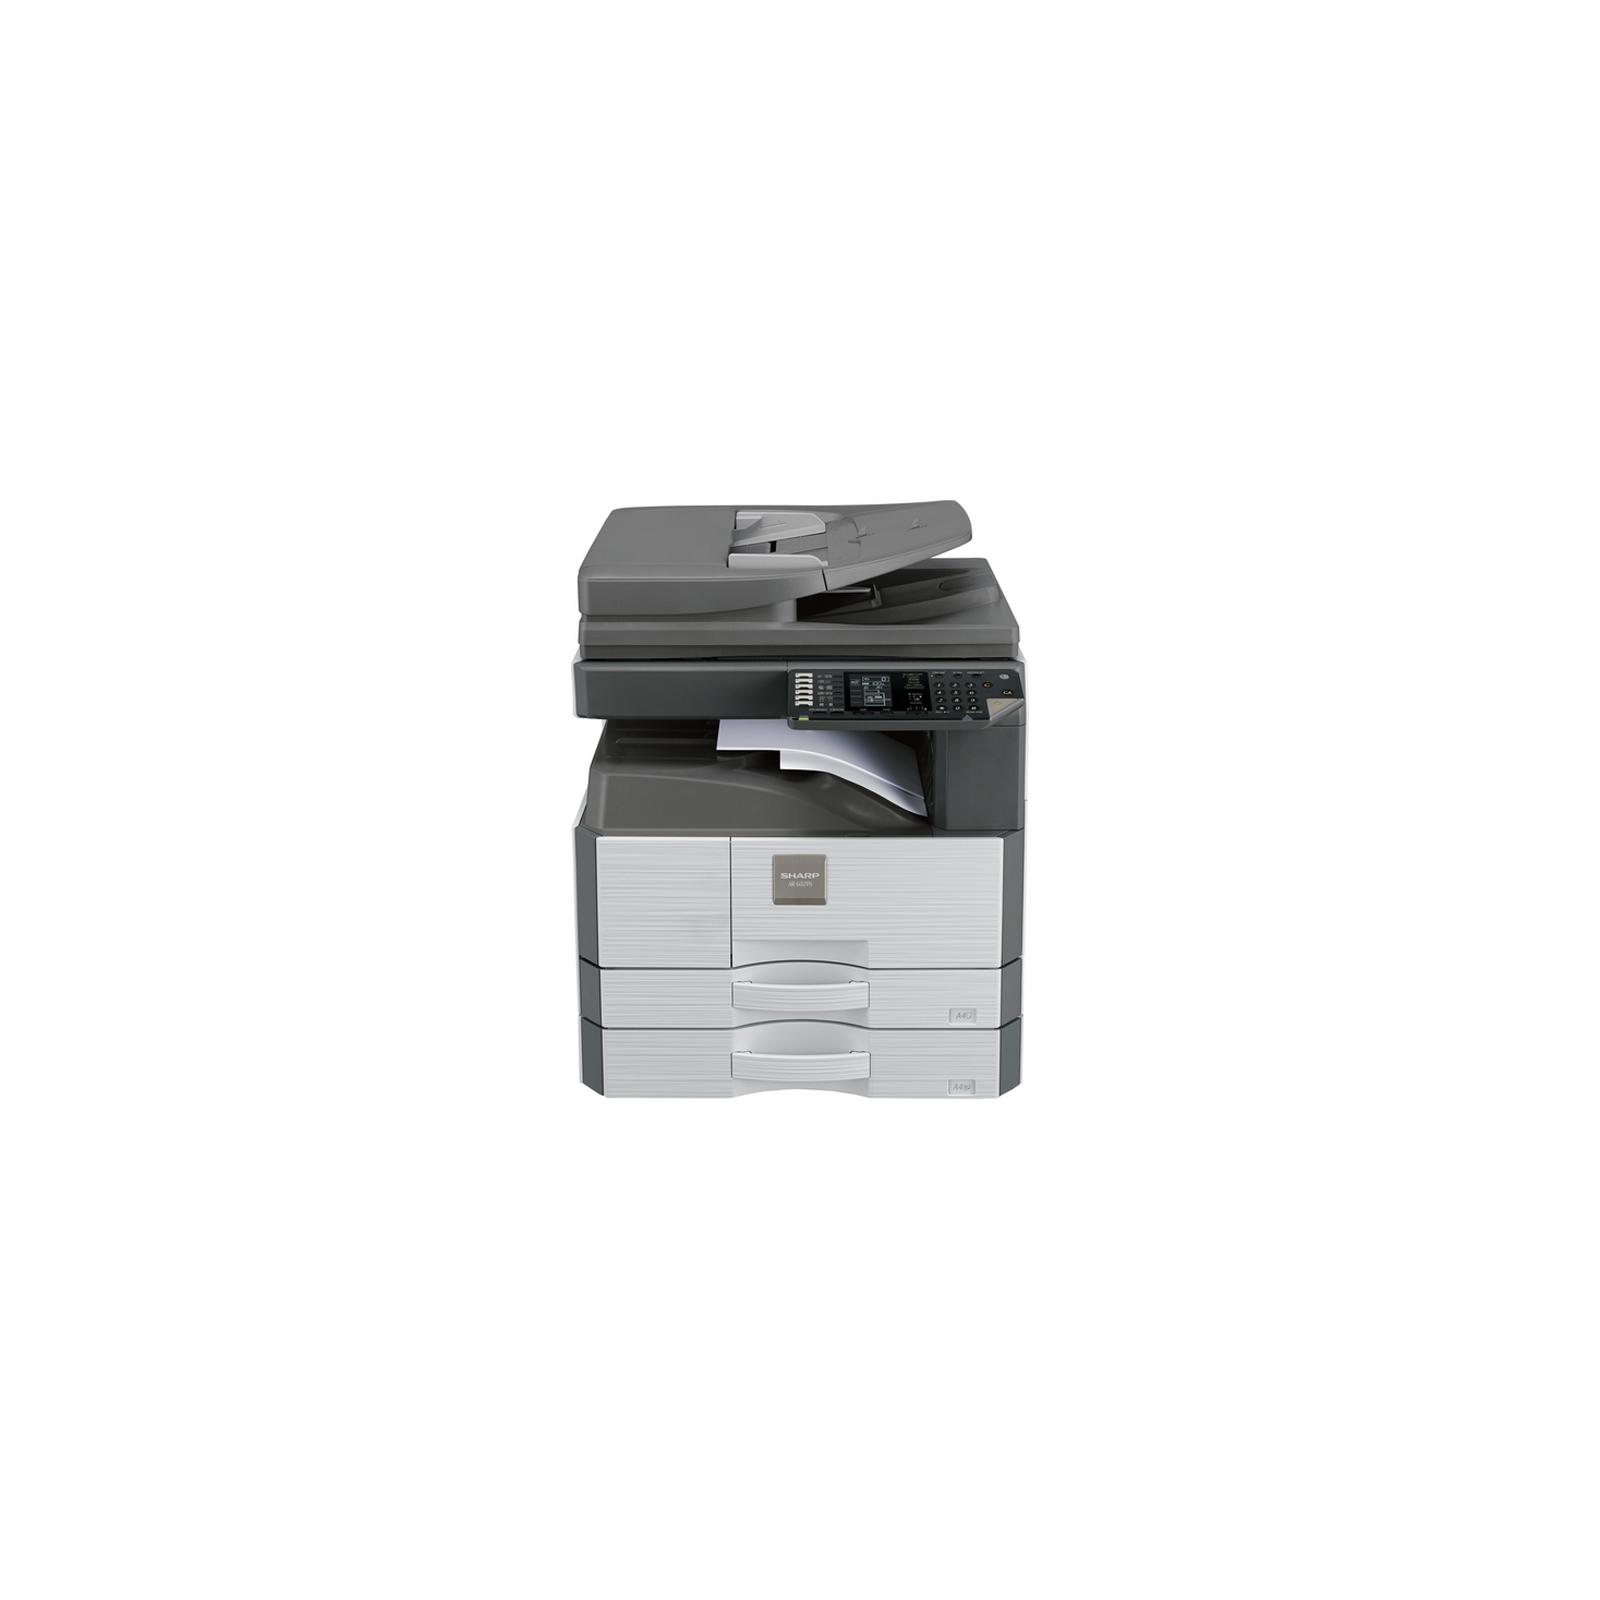 Многофункциональное устройство SHARP AR 6023N (AR6023N) изображение 4